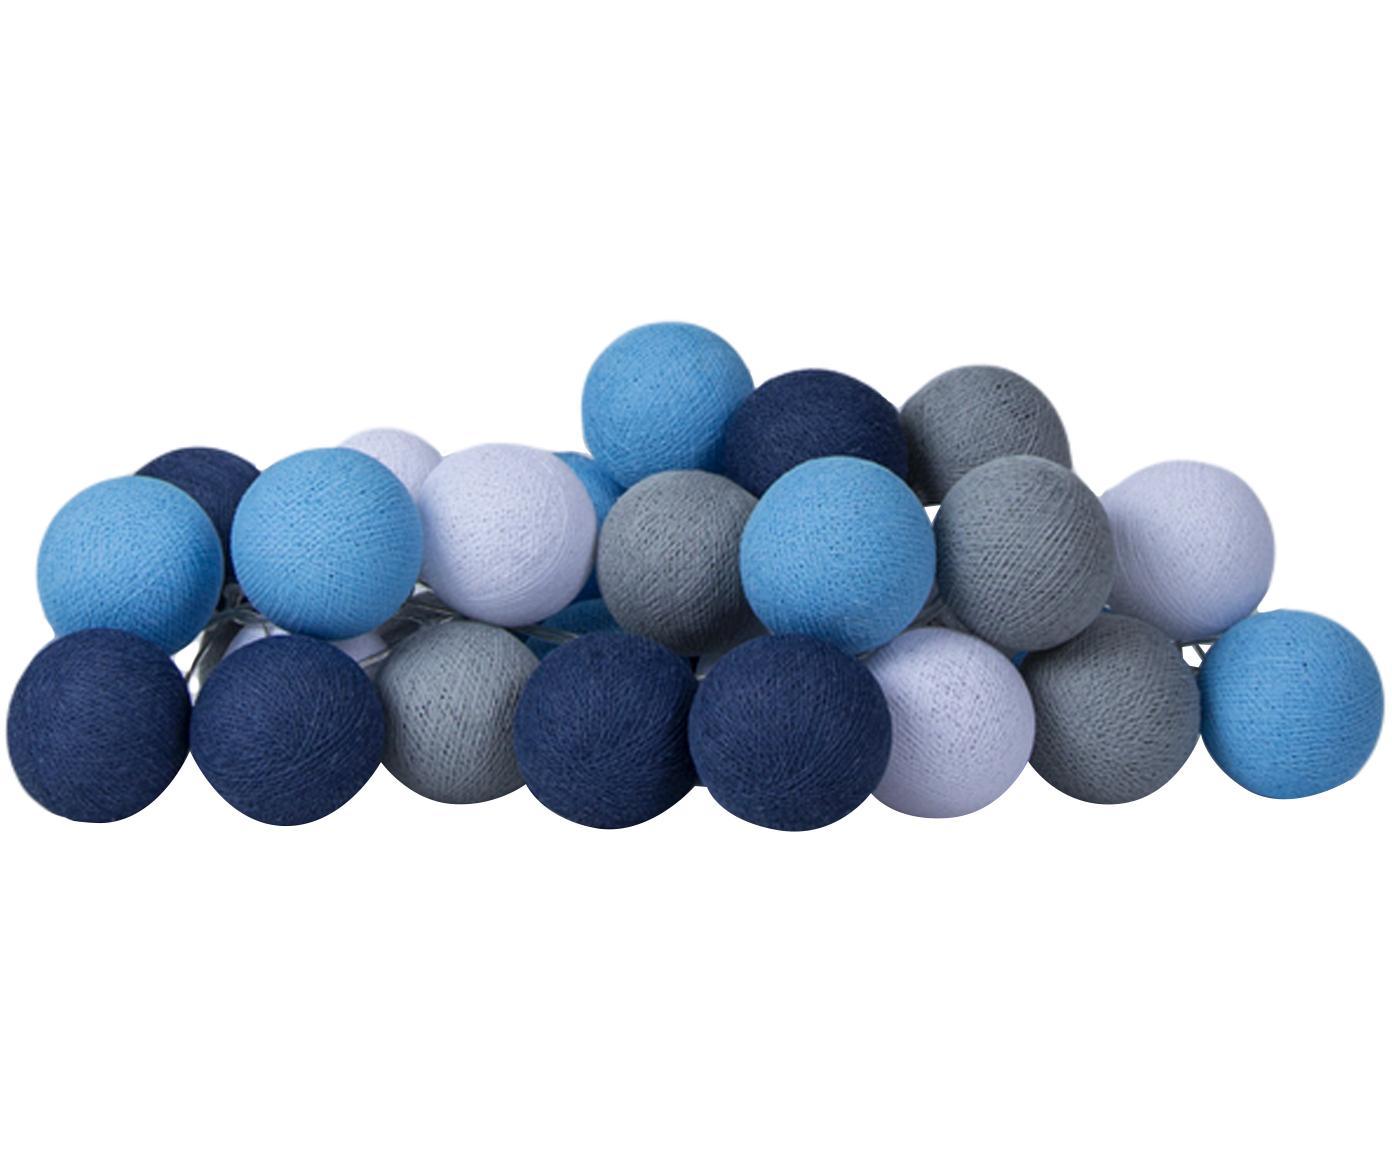 LED lichtslinger Colorain, Lampions: polyester, Blauwtinten, grijs, wit, L 354 cm